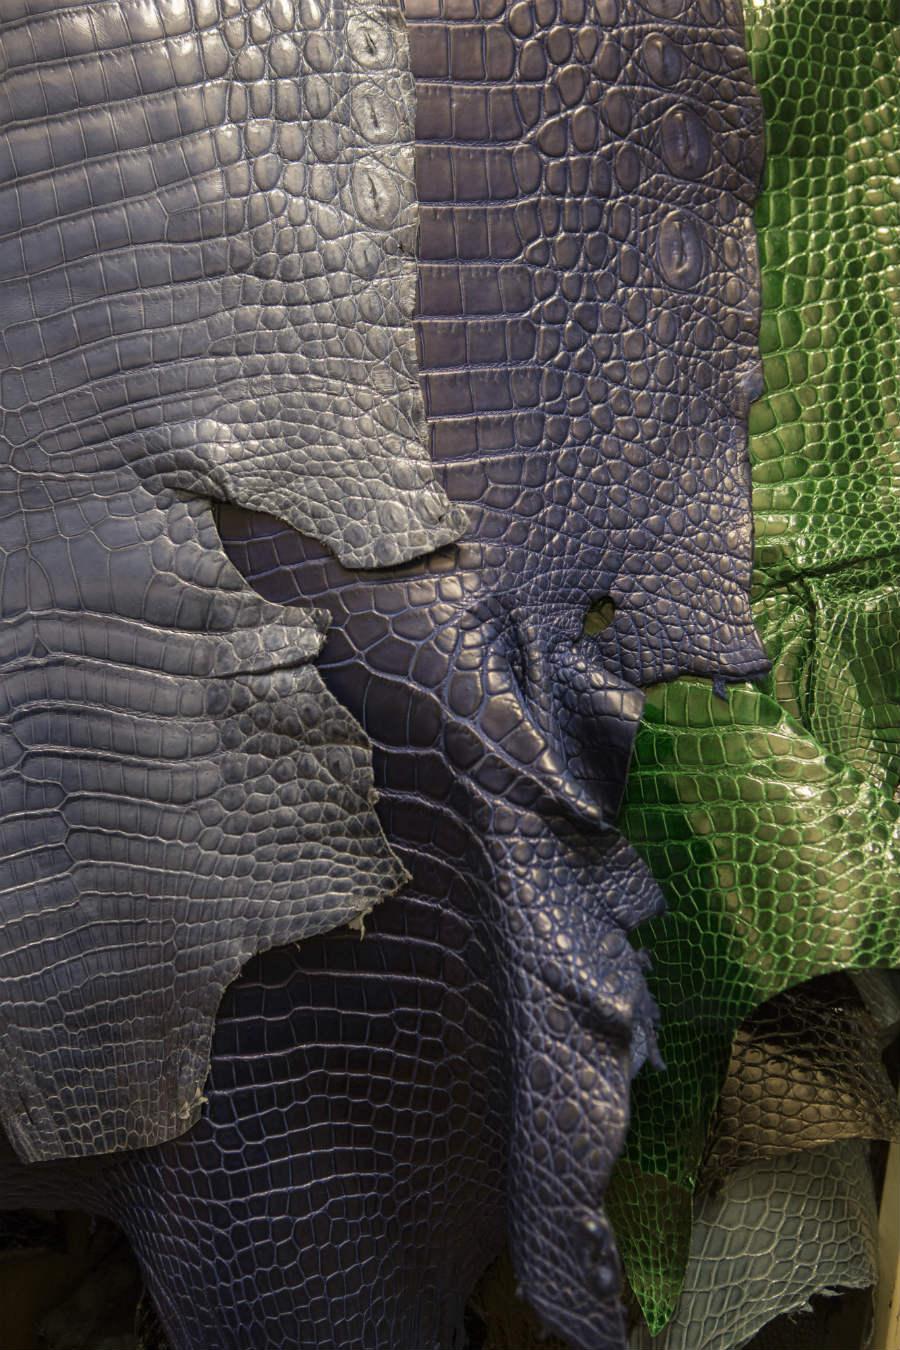 In apertura e qui: dettaglio di alcune tonalità di pelli, preziosi segni distintivi del vero lusso. © Emanuele Zamponi